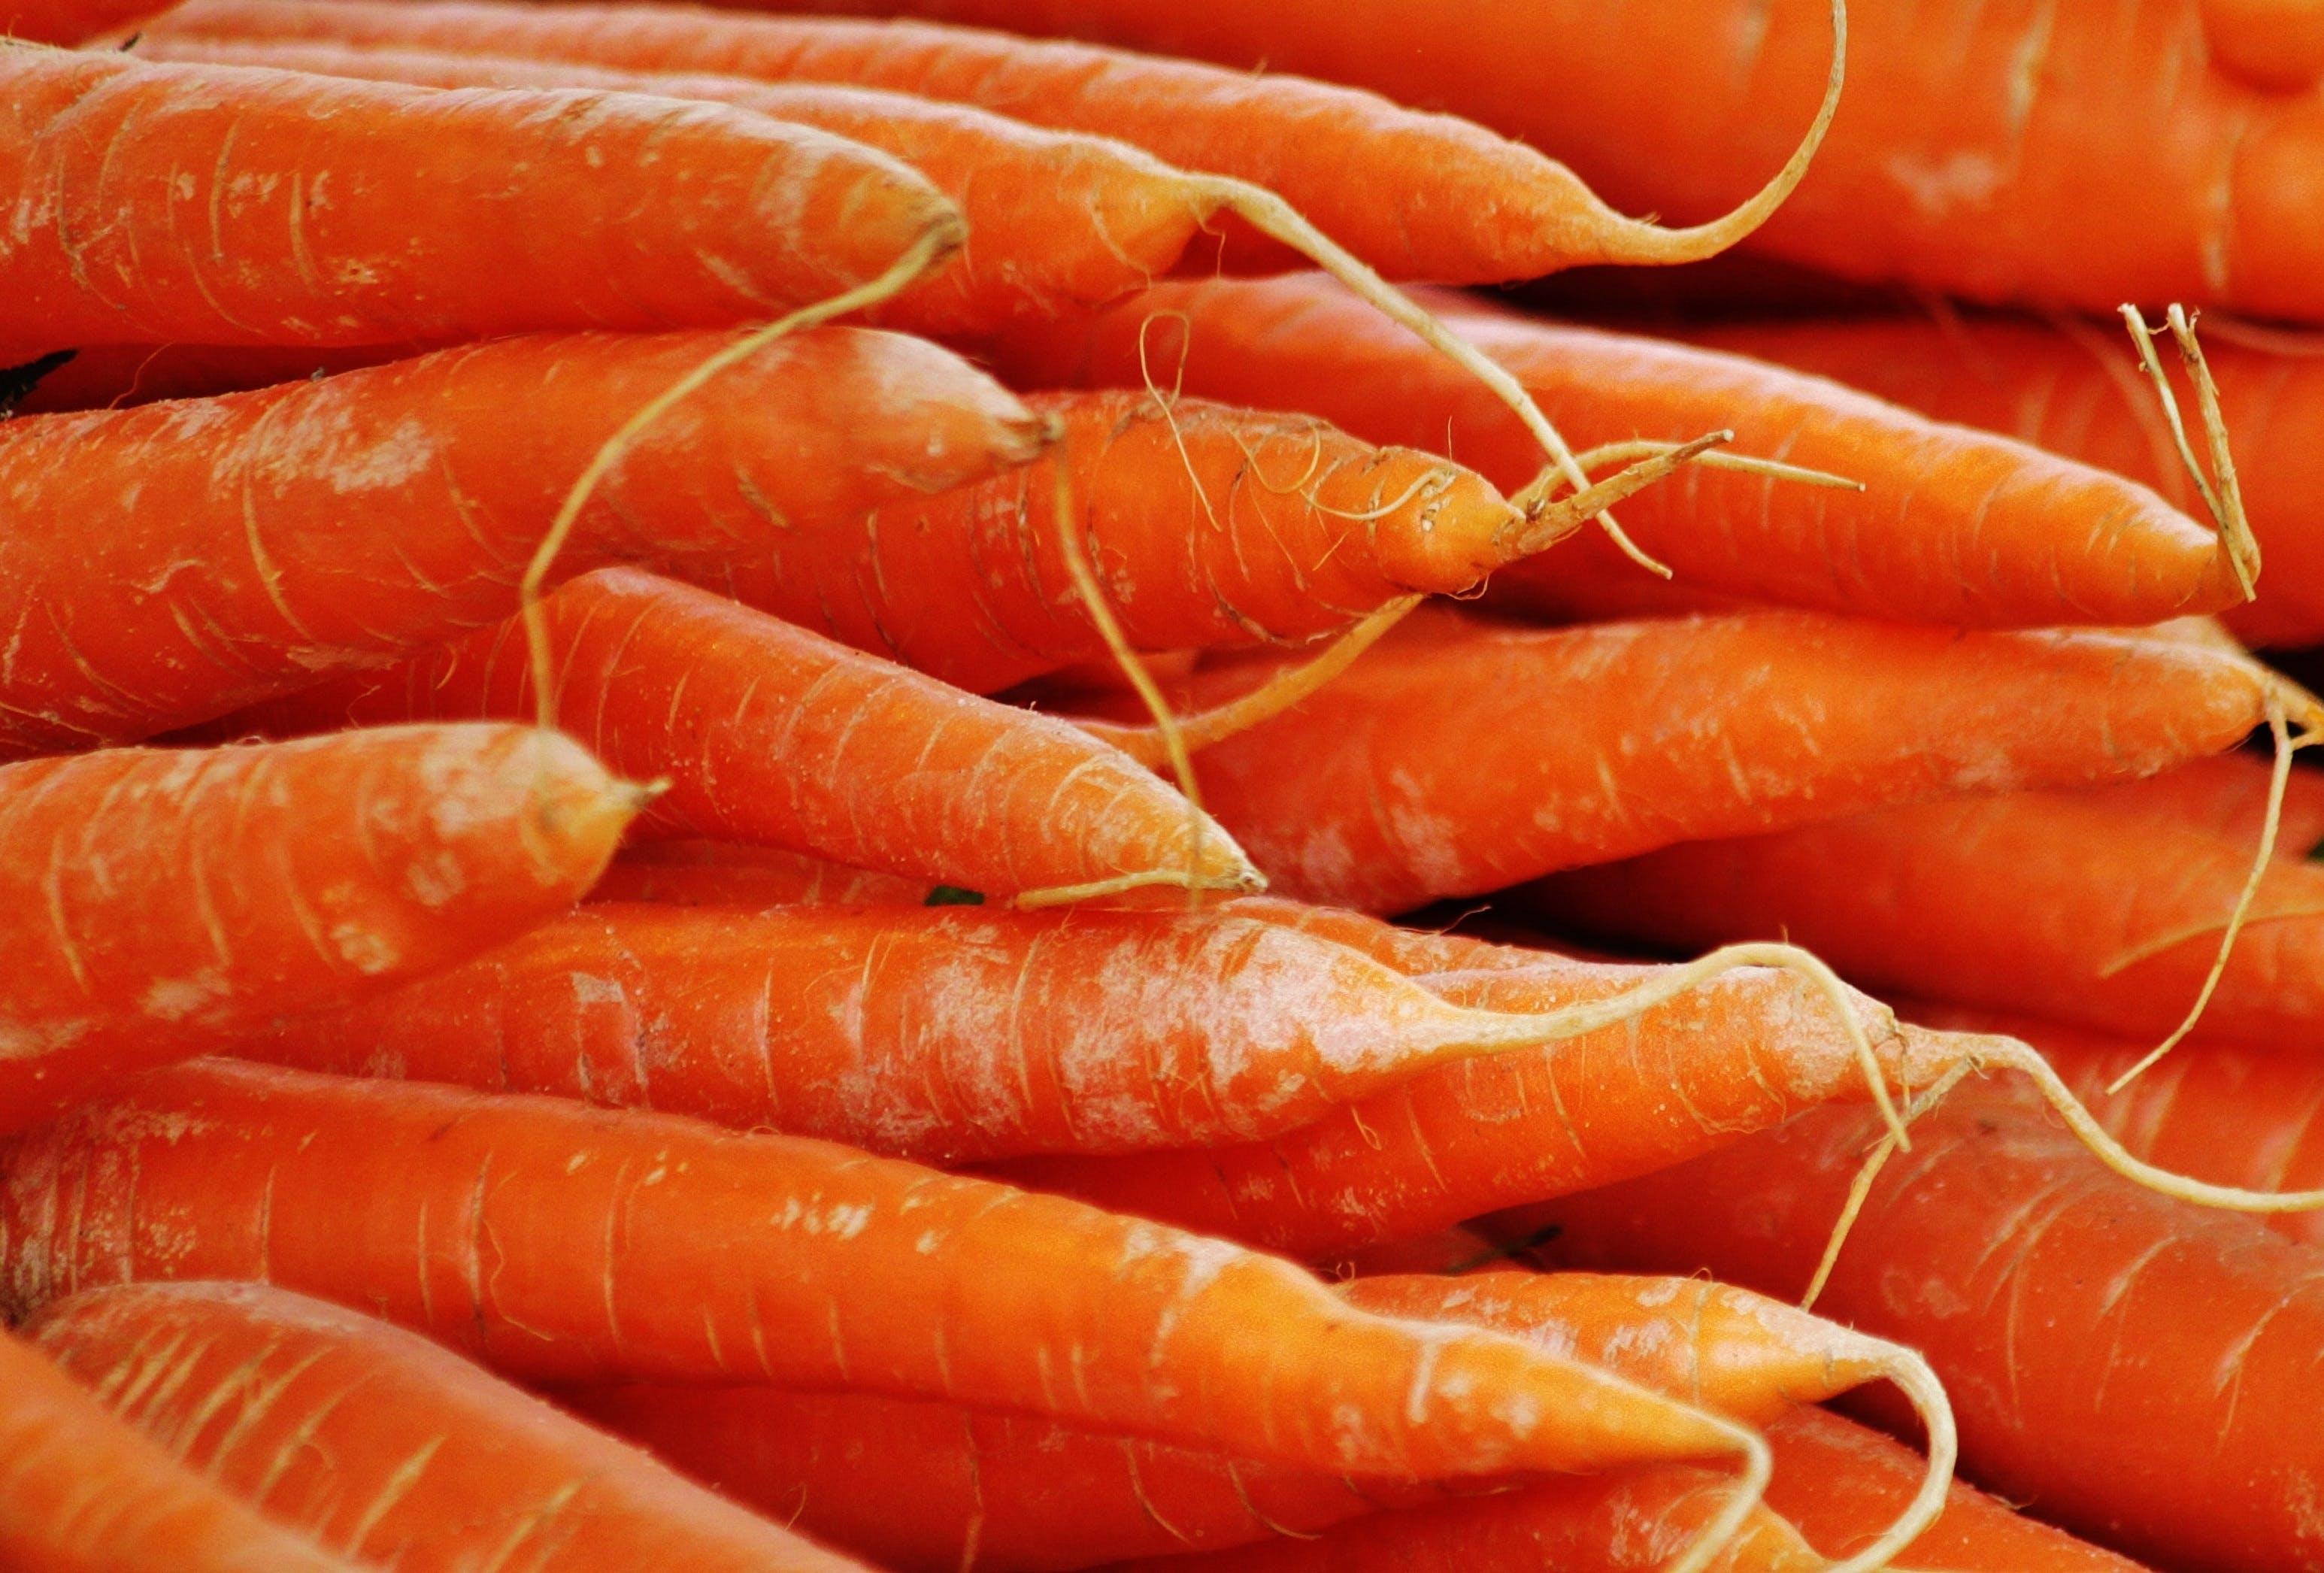 Foto stok gratis Jeruk, makanan, merapatkan, sayur-mayur